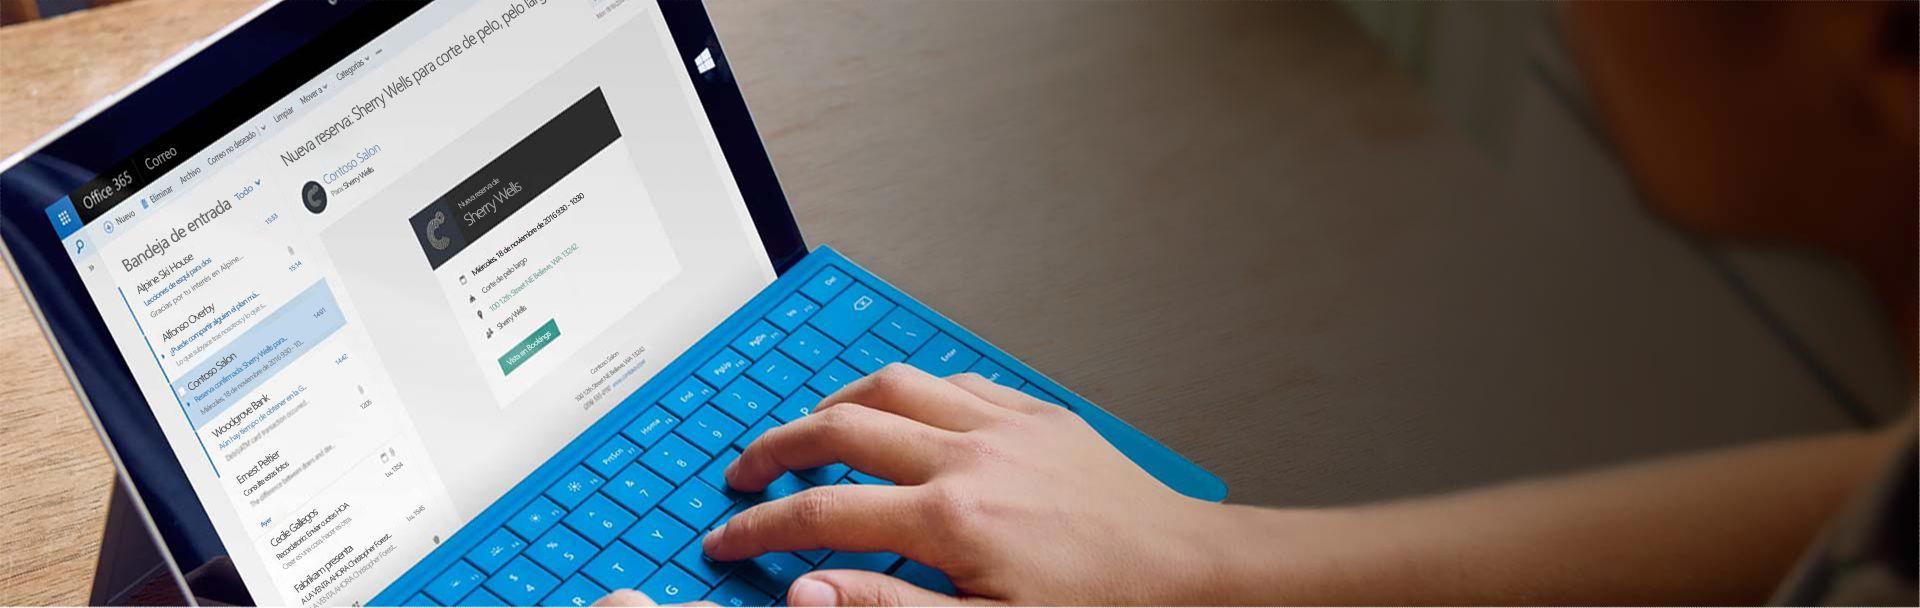 Tableta que muestra los avisos de cita de Office 365 Bookings en el correo electrónico.